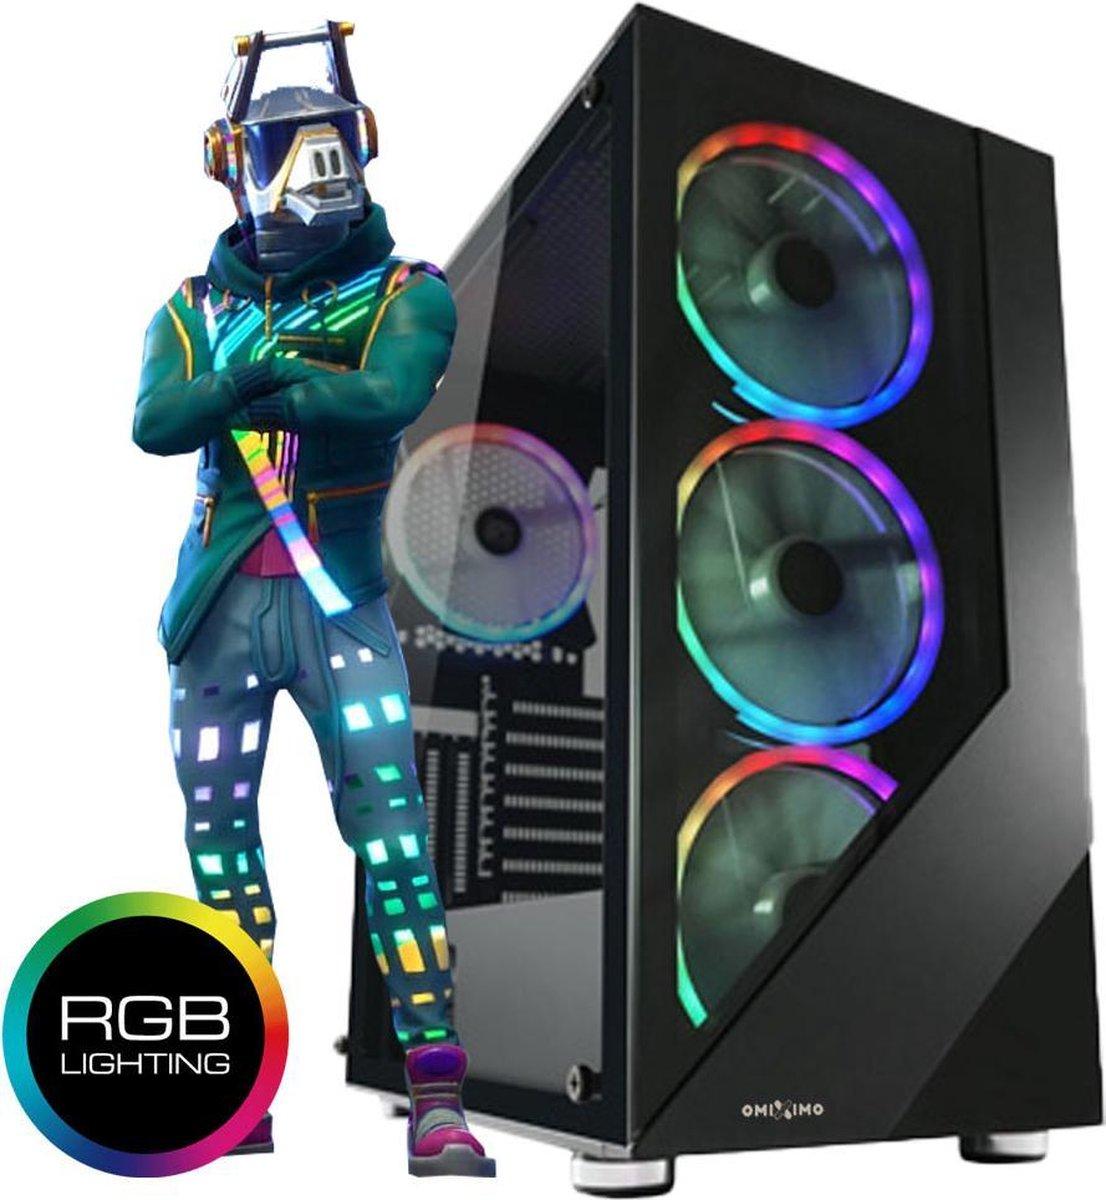 omiXimo | Game PC - AMD Ryzen 5 - GTX1650 Videokaart - 8 GB ram - 480 GB SSD | Geschikt voor: Fortnite, Minecraft, Sims 4 en League of Legends